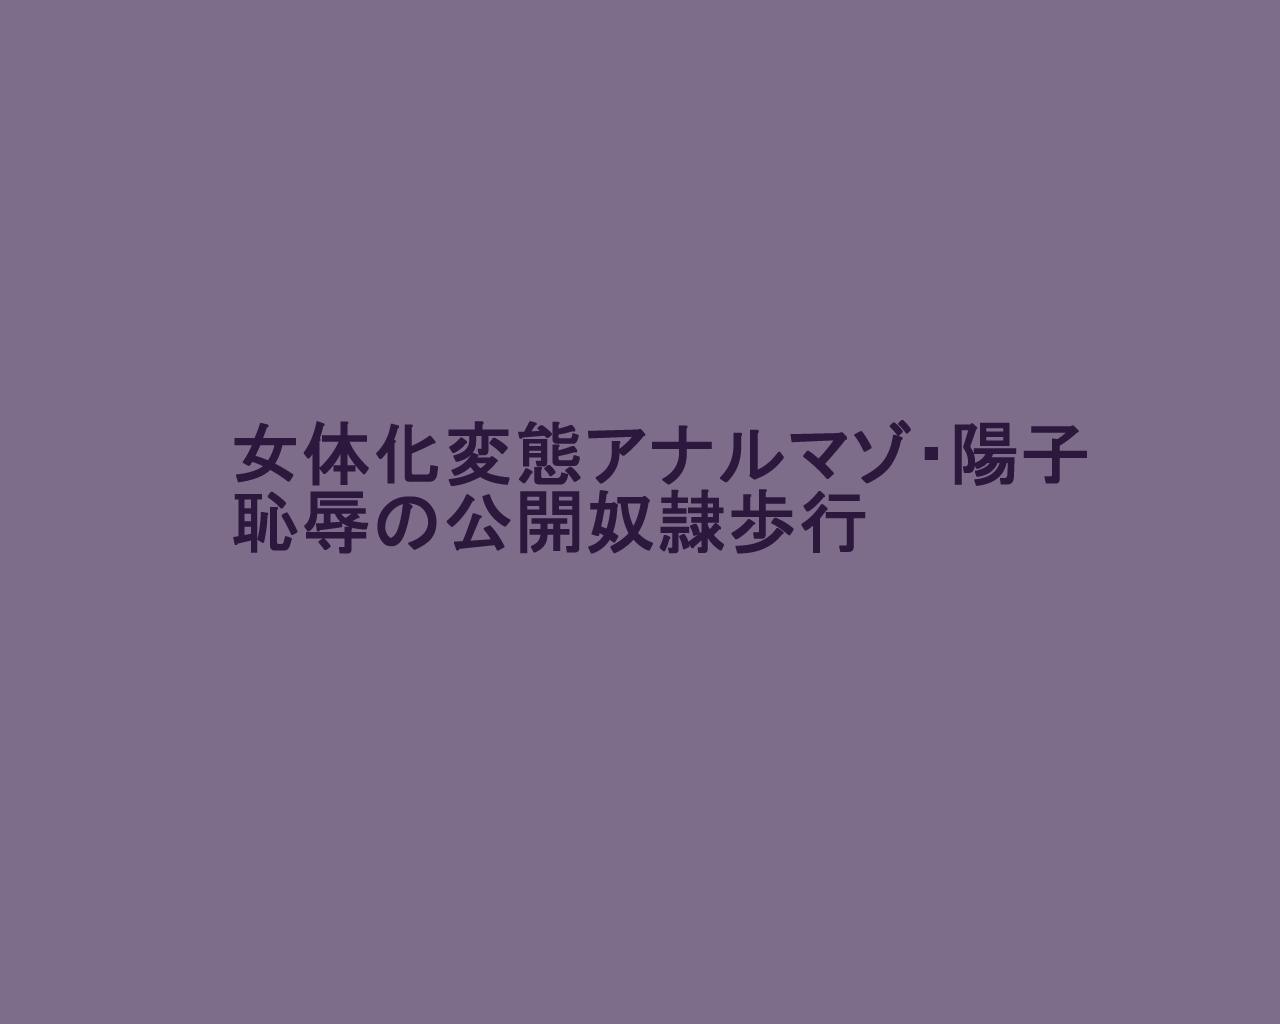 Nyotaika Hentai Anal Maso Youko Chijoku no Koukai Dorei Hokou 1